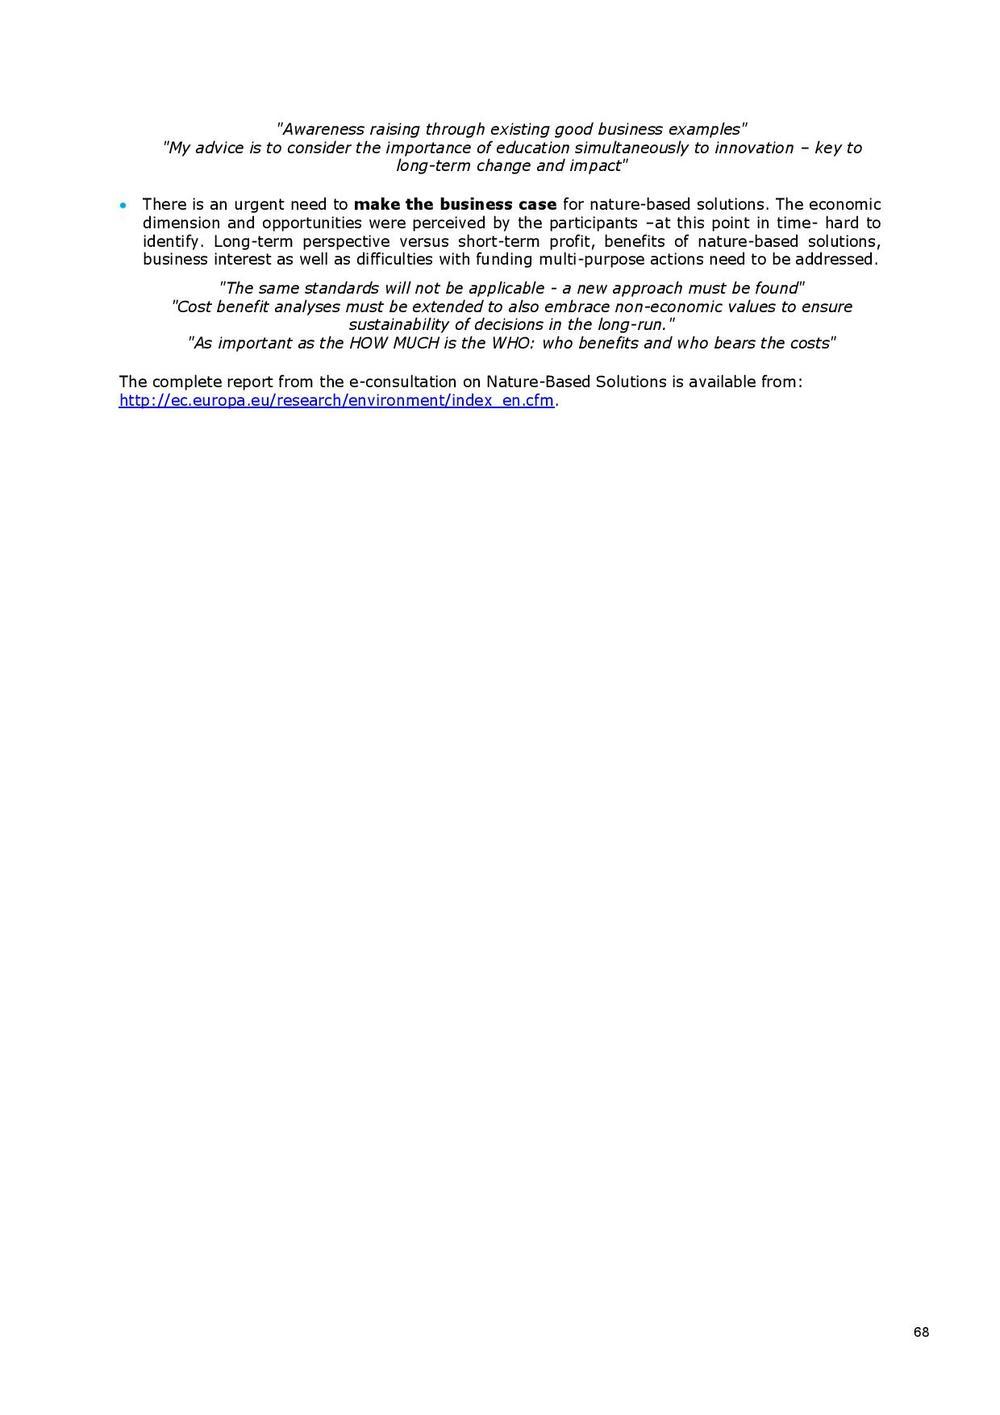 DG RTD_WEB-Publication A4_NBS_long_version_20150310-page-070.jpg